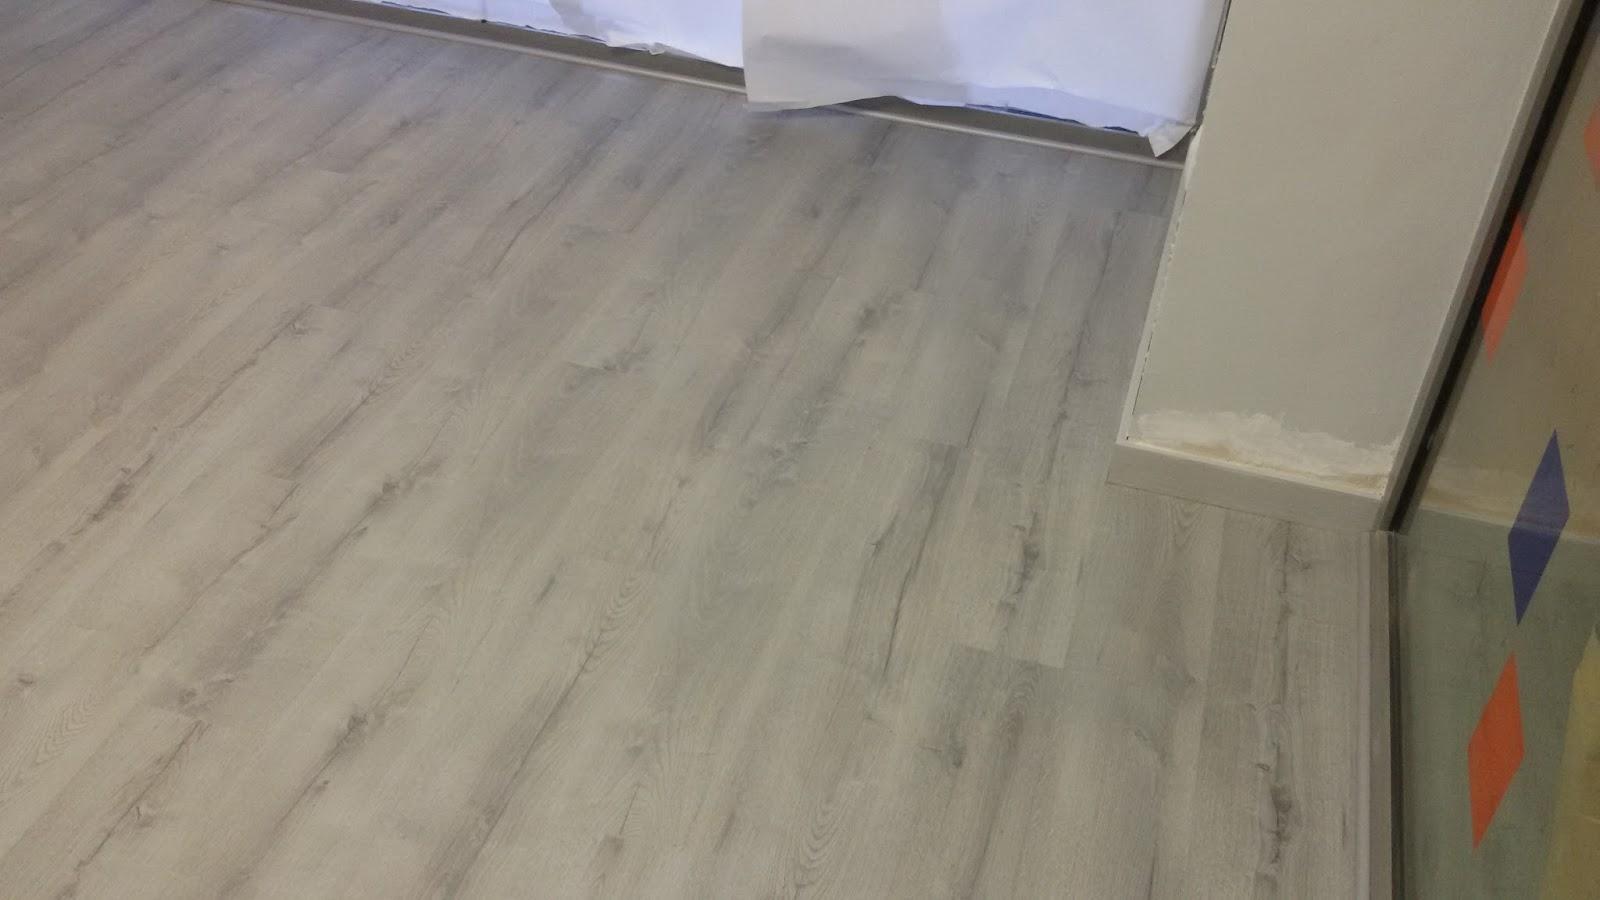 Remiendos anticrisis precio anticrisis suelo laminado a - Precios suelo laminado ...